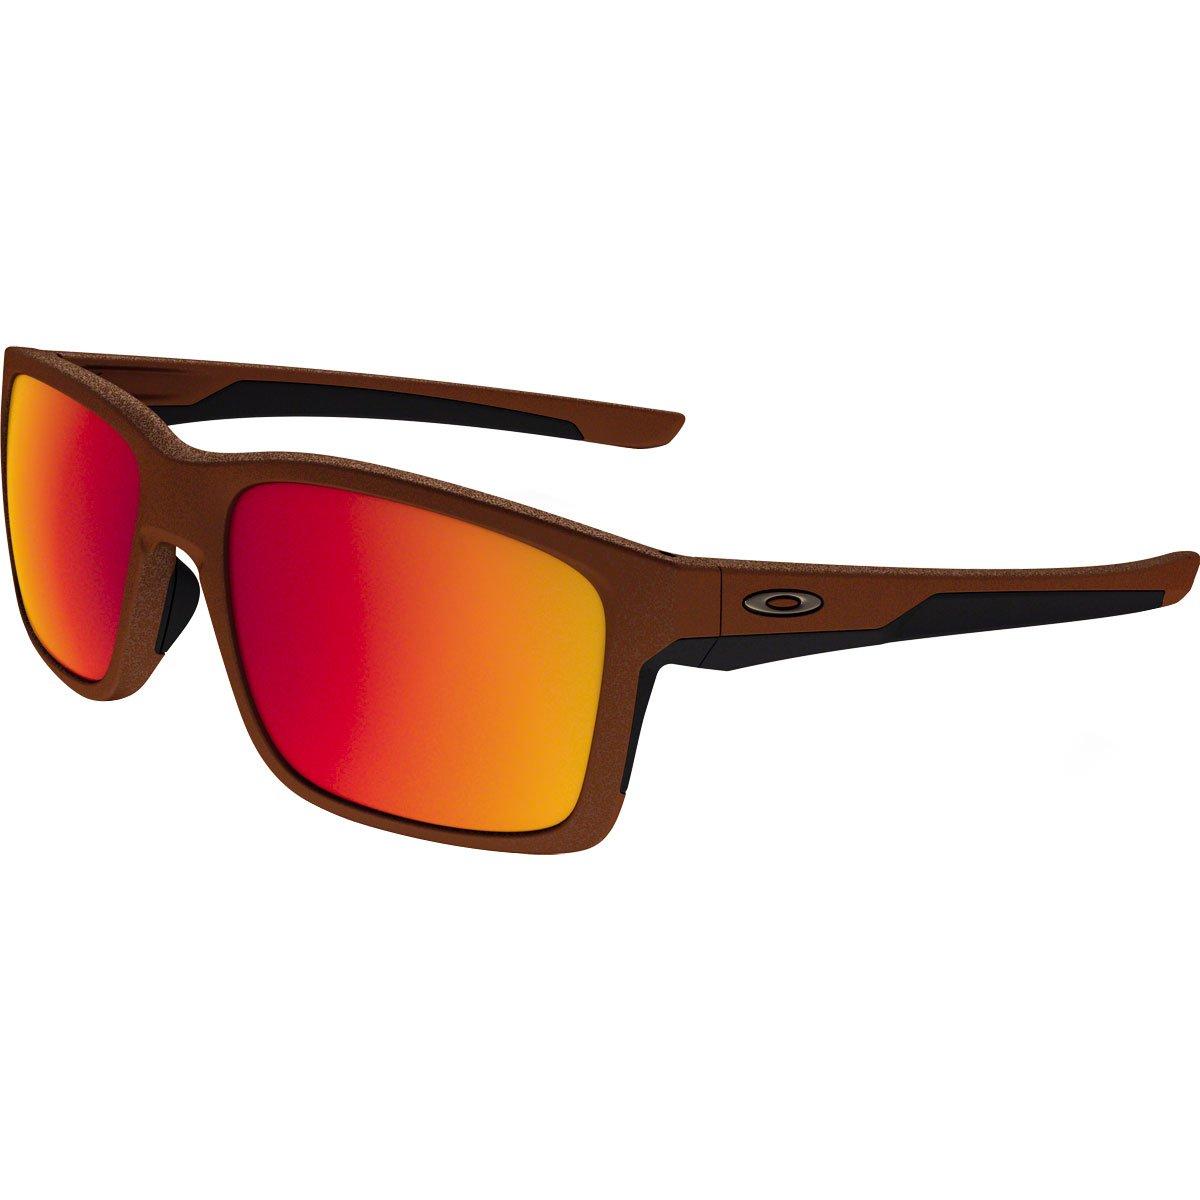 2750888d11 Amazon.com: Oakley Mainlink Sunglasses: Shoes